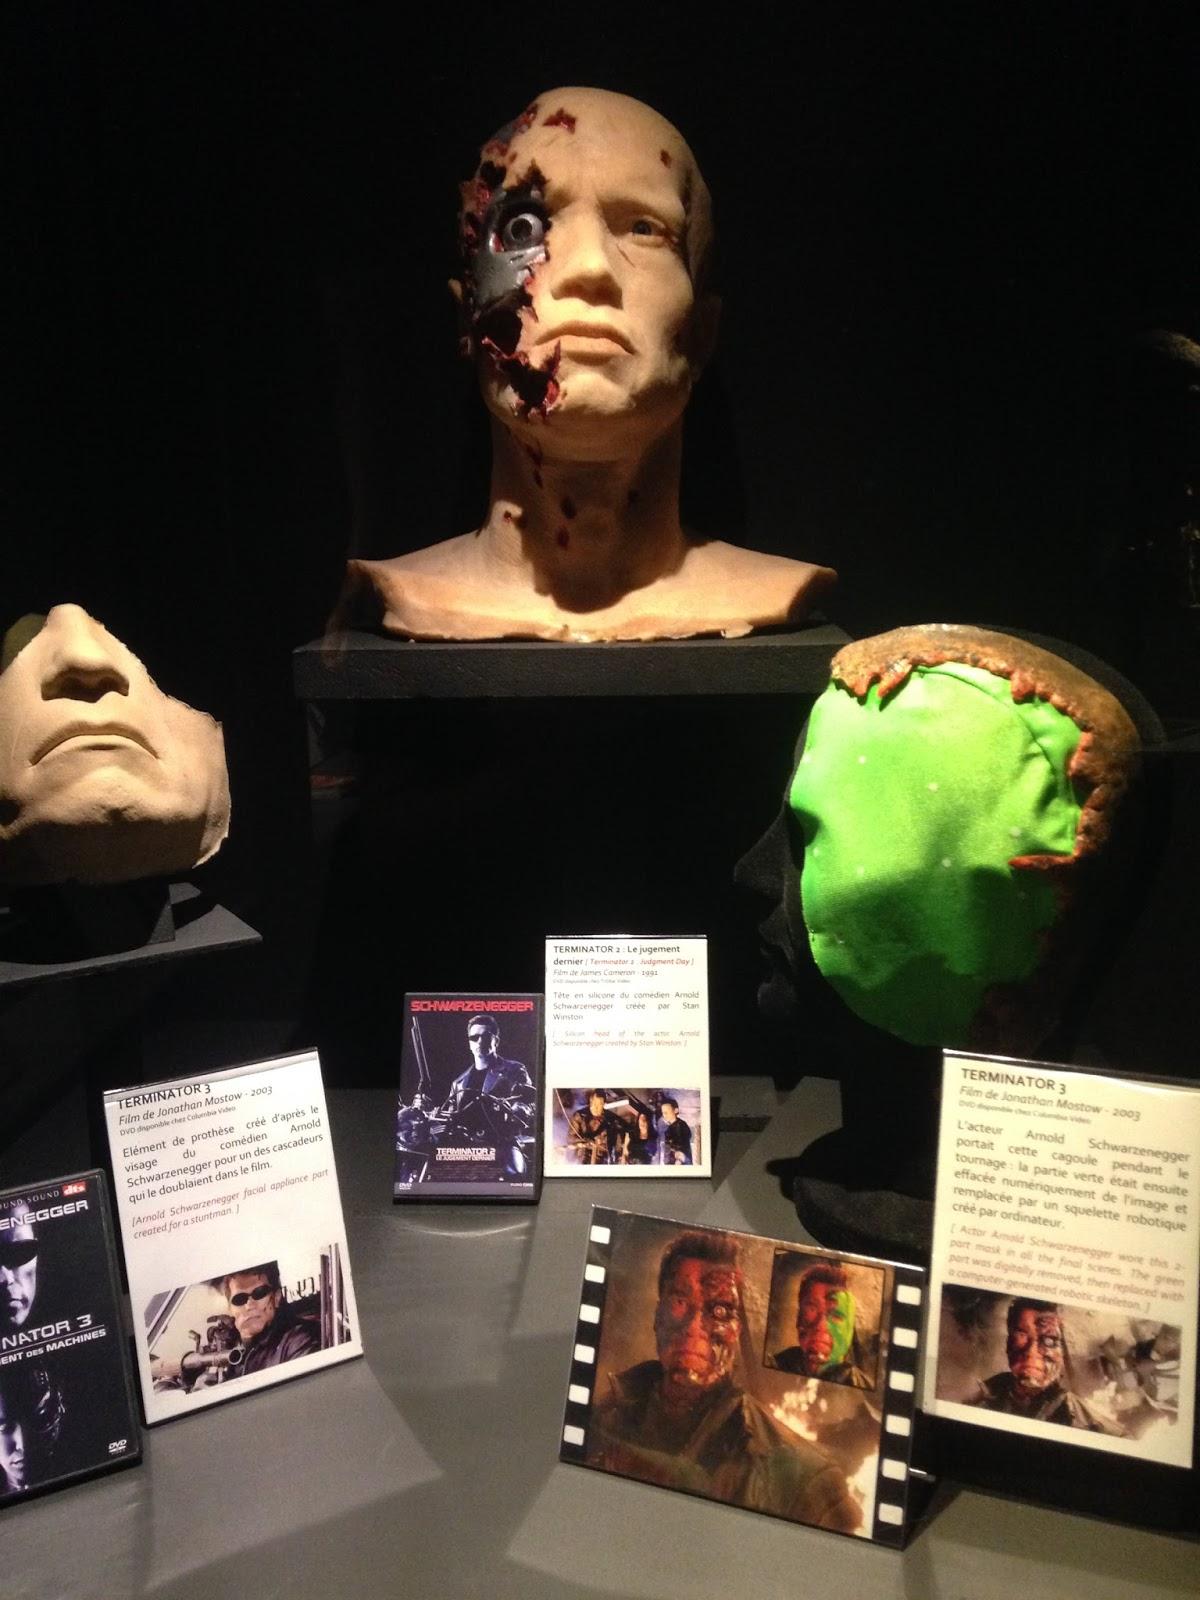 Terminator musee miniature cinema